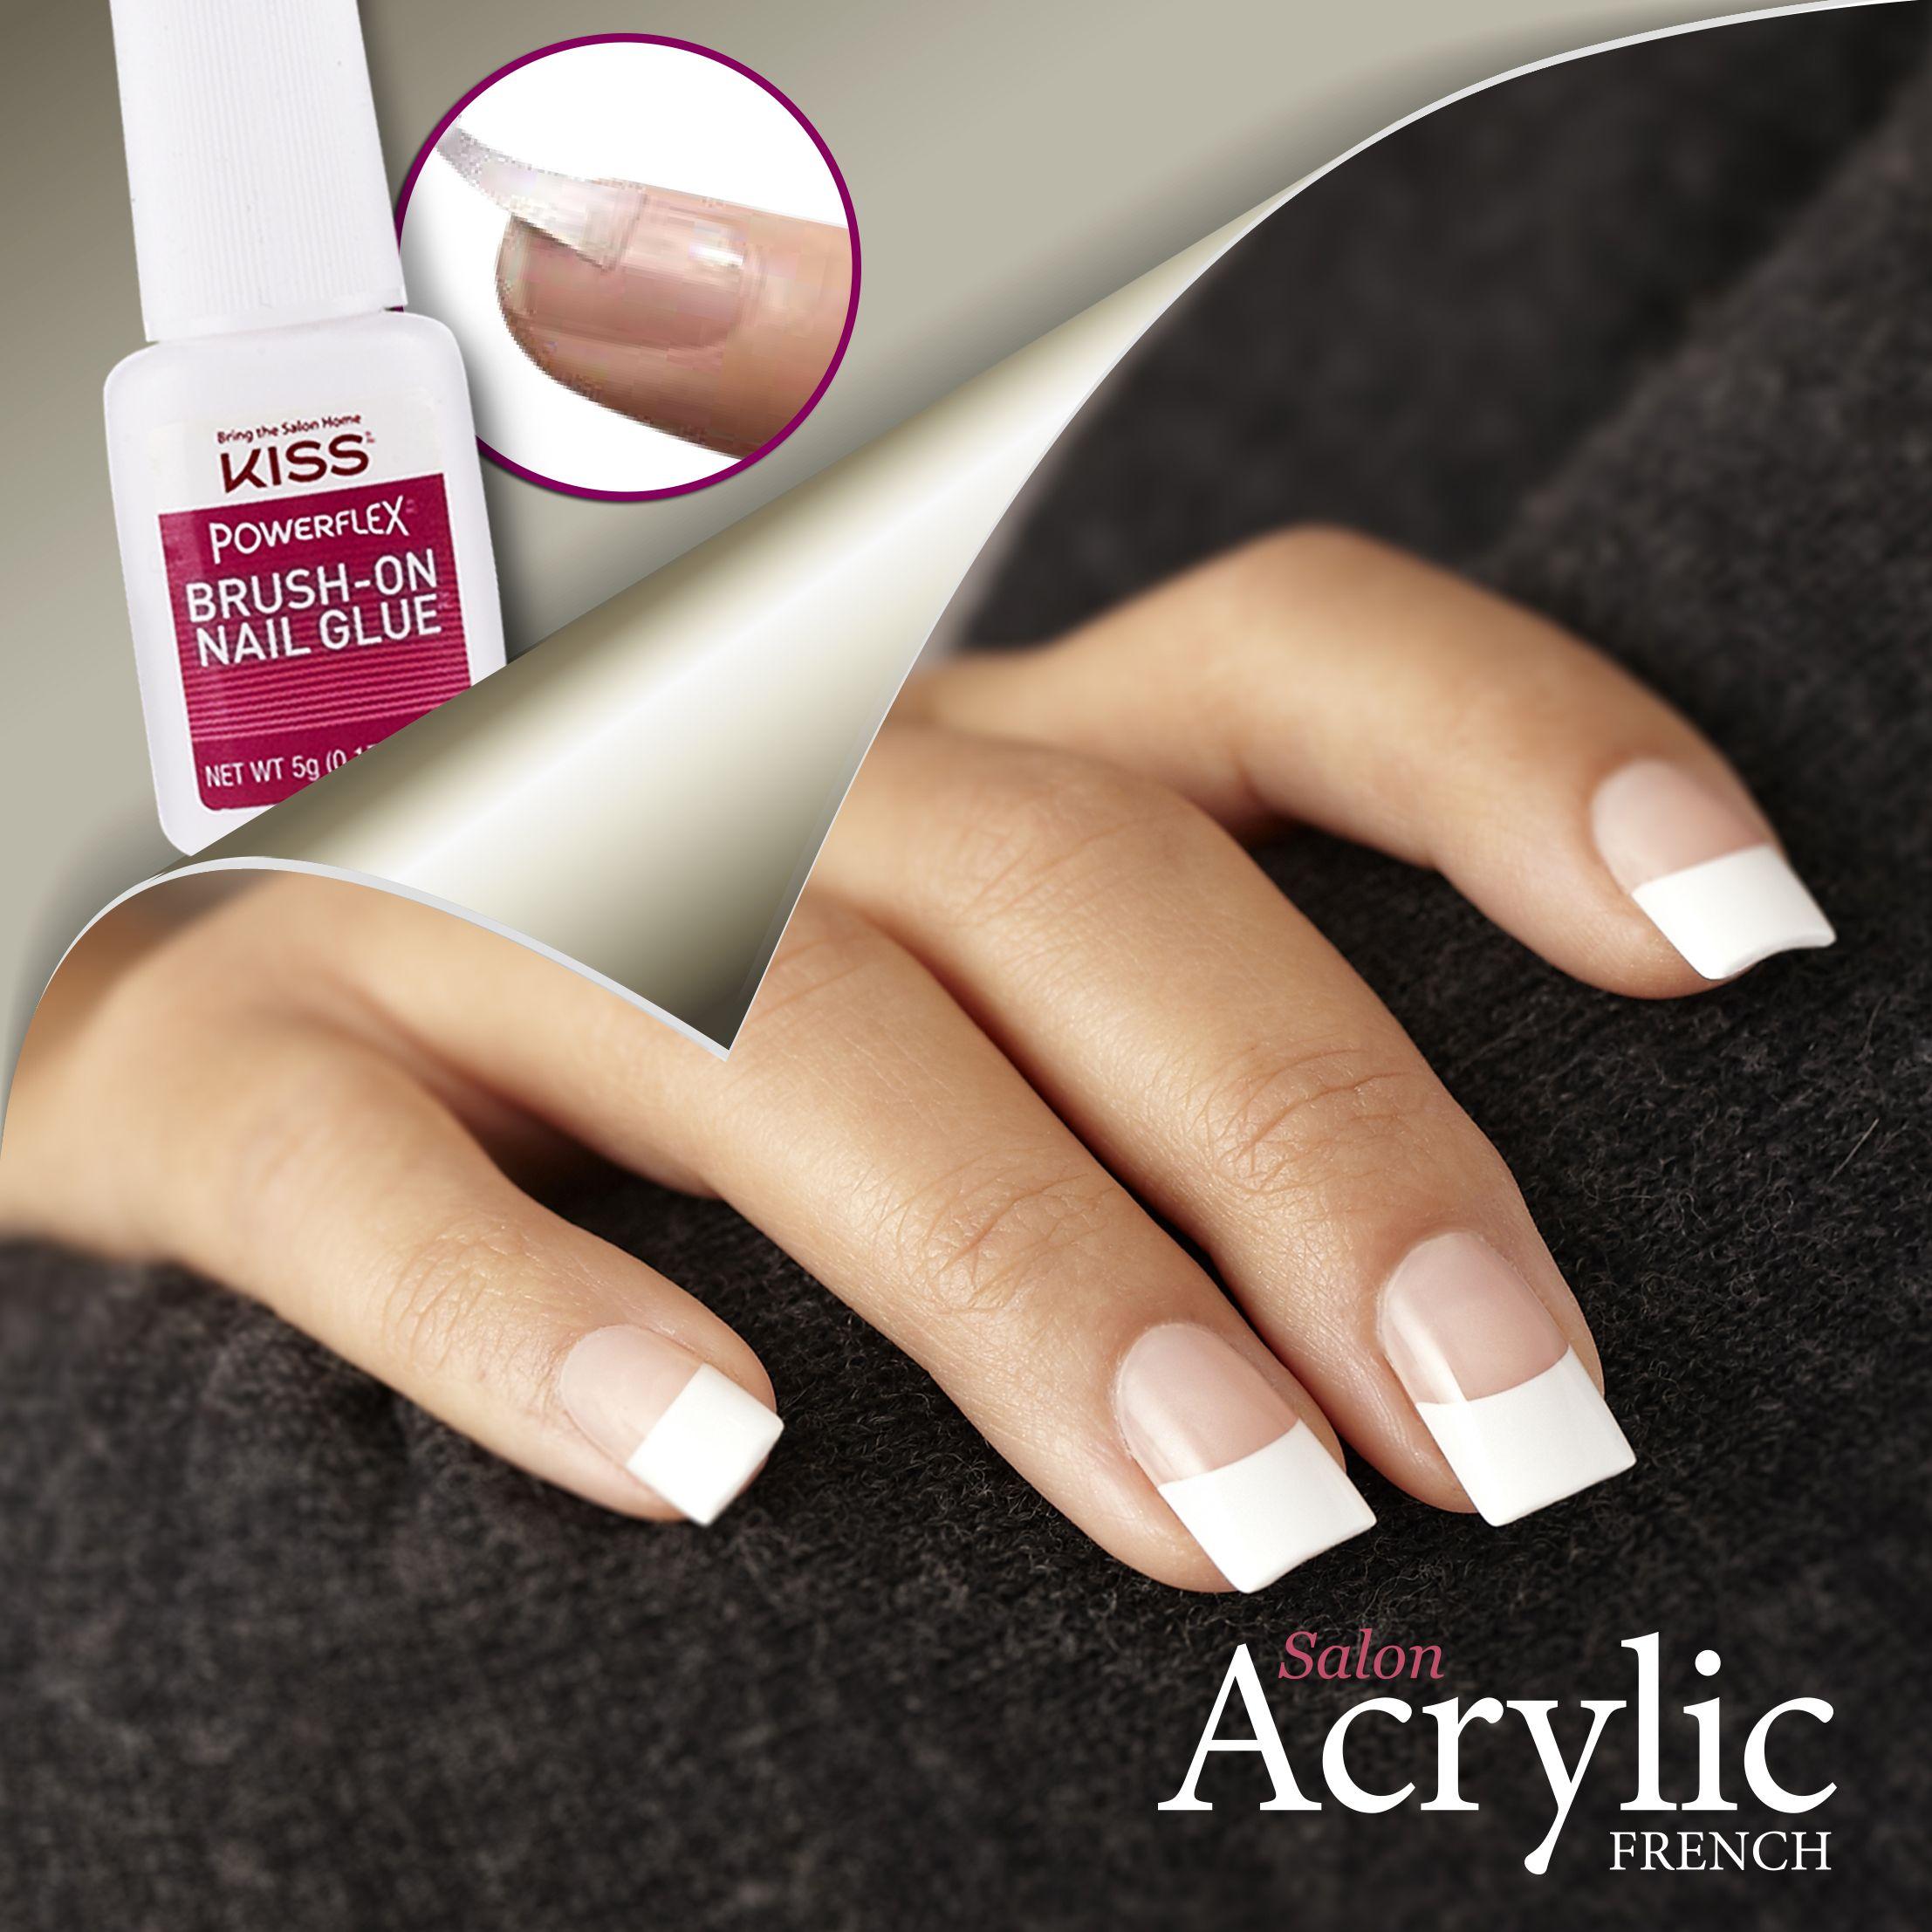 Think sophistication, think Salon Acrylic French! Acrylic-infused ...